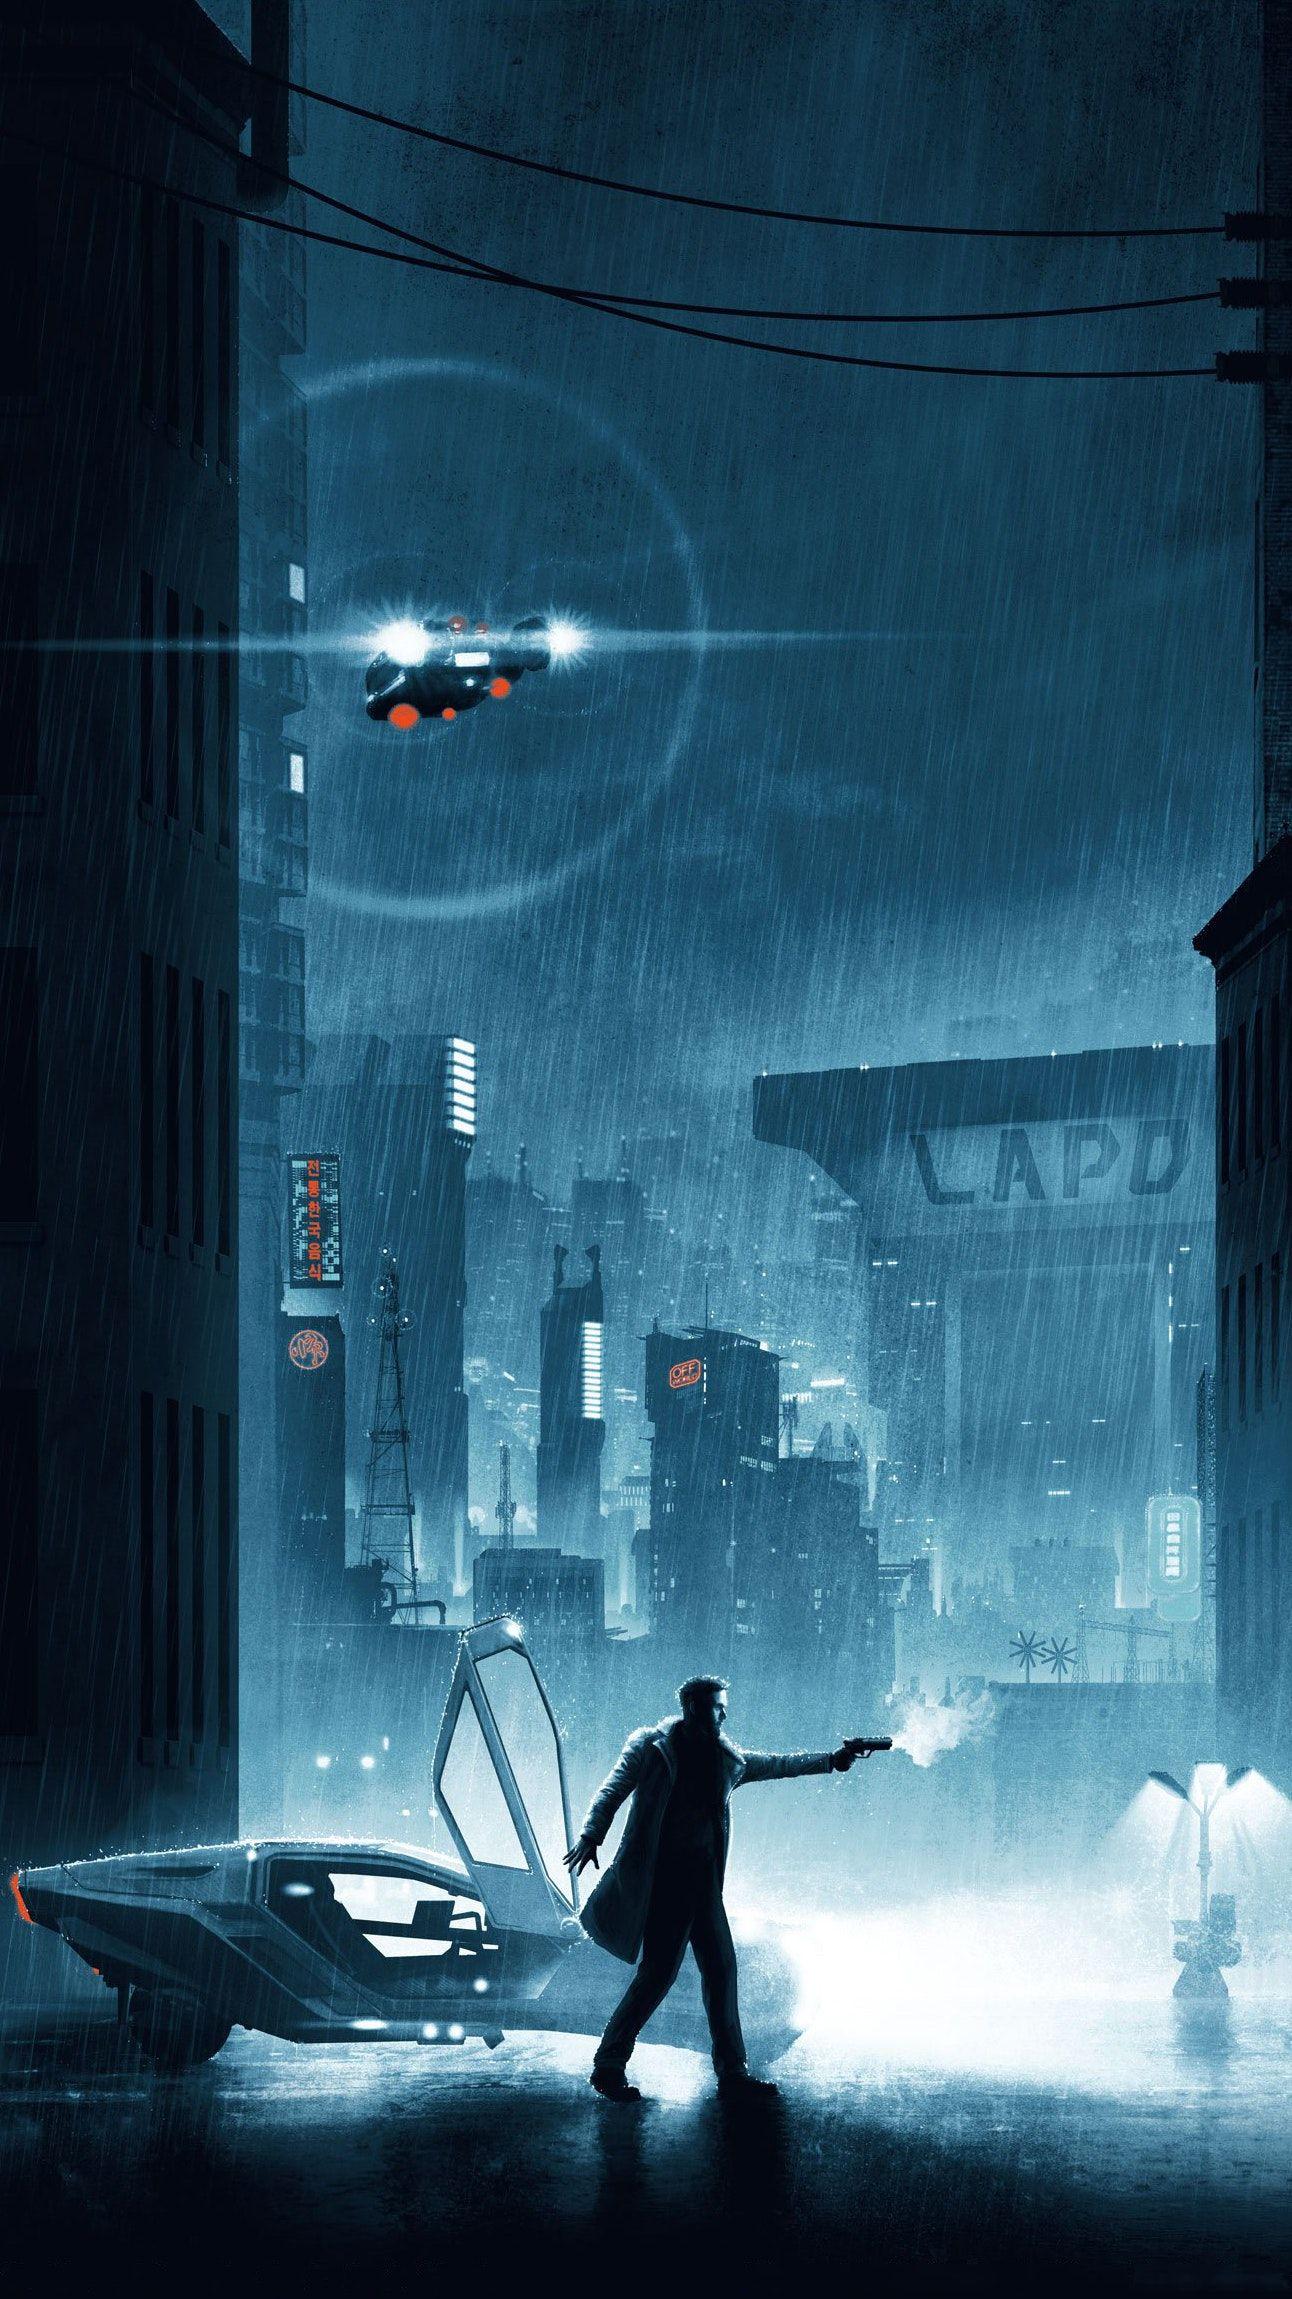 Blade Runner 2049 (2017) Phone Wallpaper Blade runner